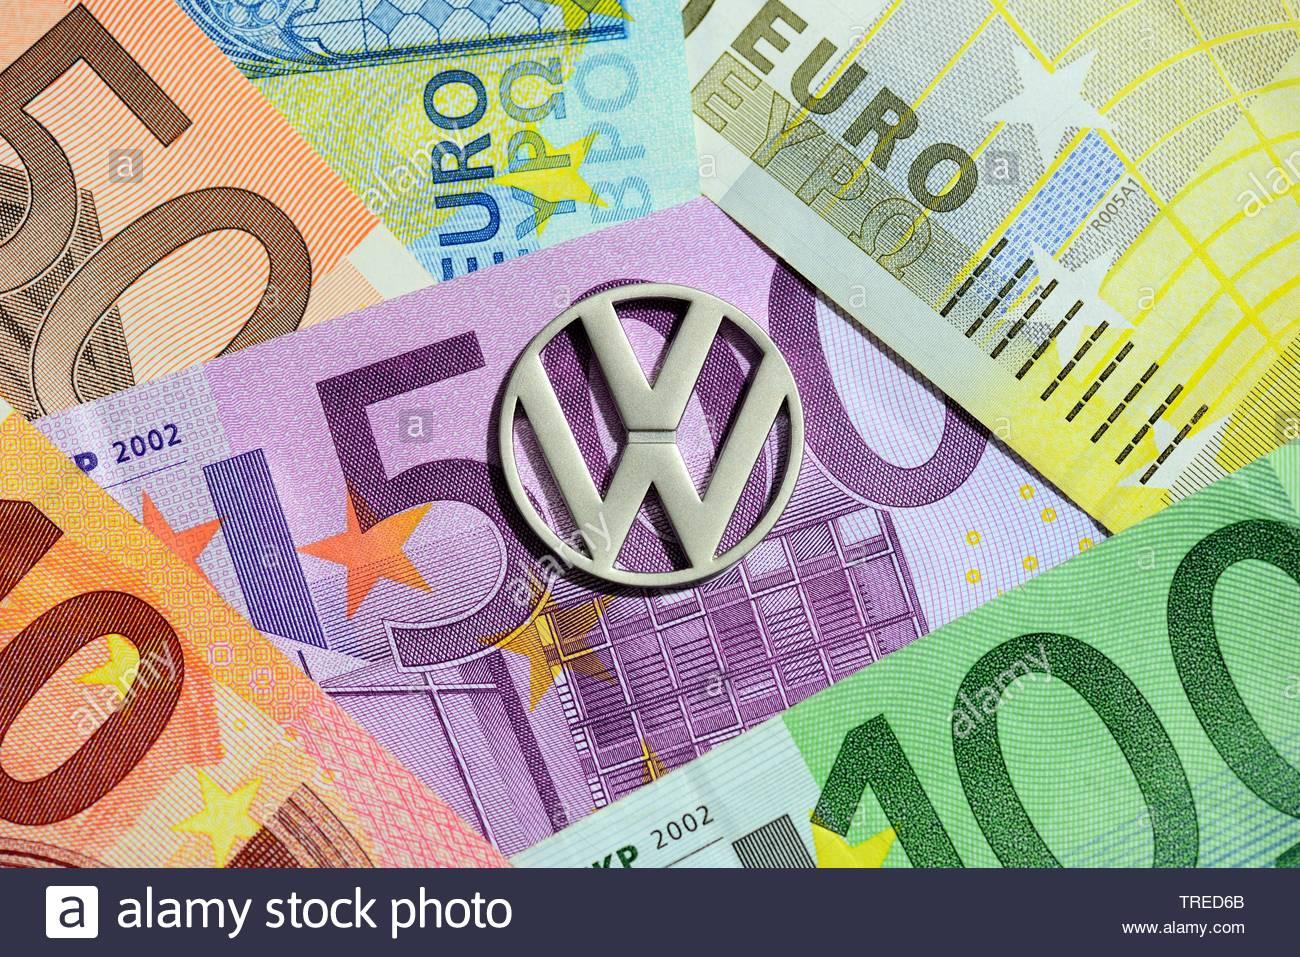 Volkswagen Firmenlogo mit Euroscheinen im Hintergrund - Strafzahlung Dieselaffaere | Volkswagen logo against Euro bills - penalty for diesel emissions - Stock Image